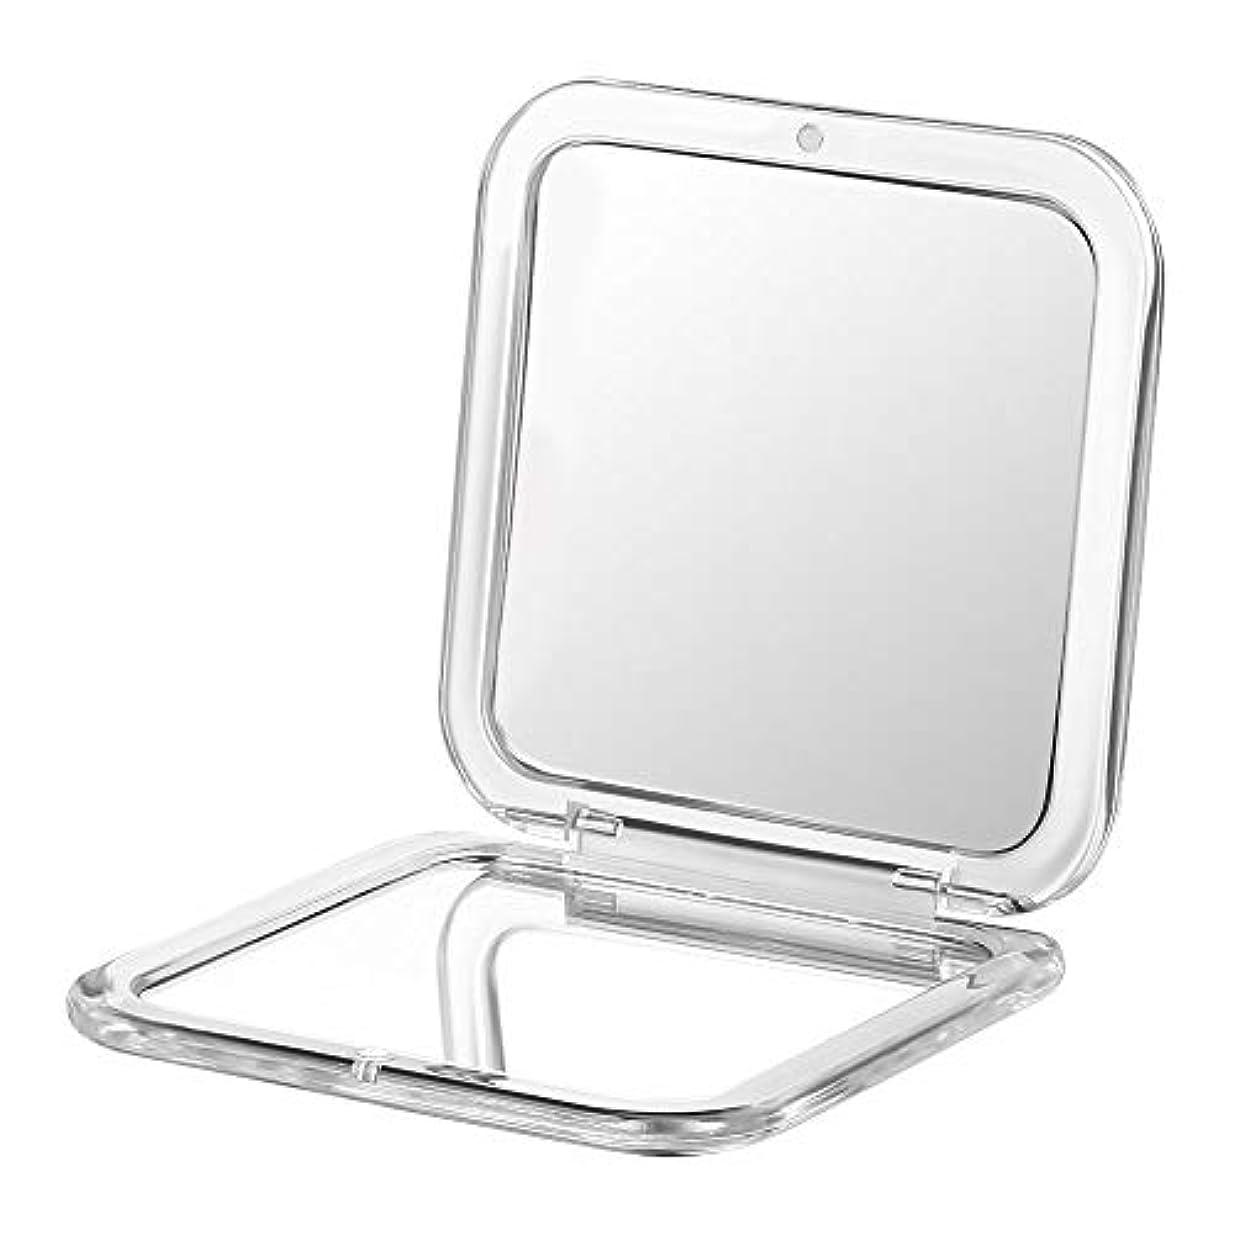 去るラフレシアアルノルディ集計コンパクト鏡 拡大鏡 両面コンパクトミラー 卓上 2倍 化粧鏡